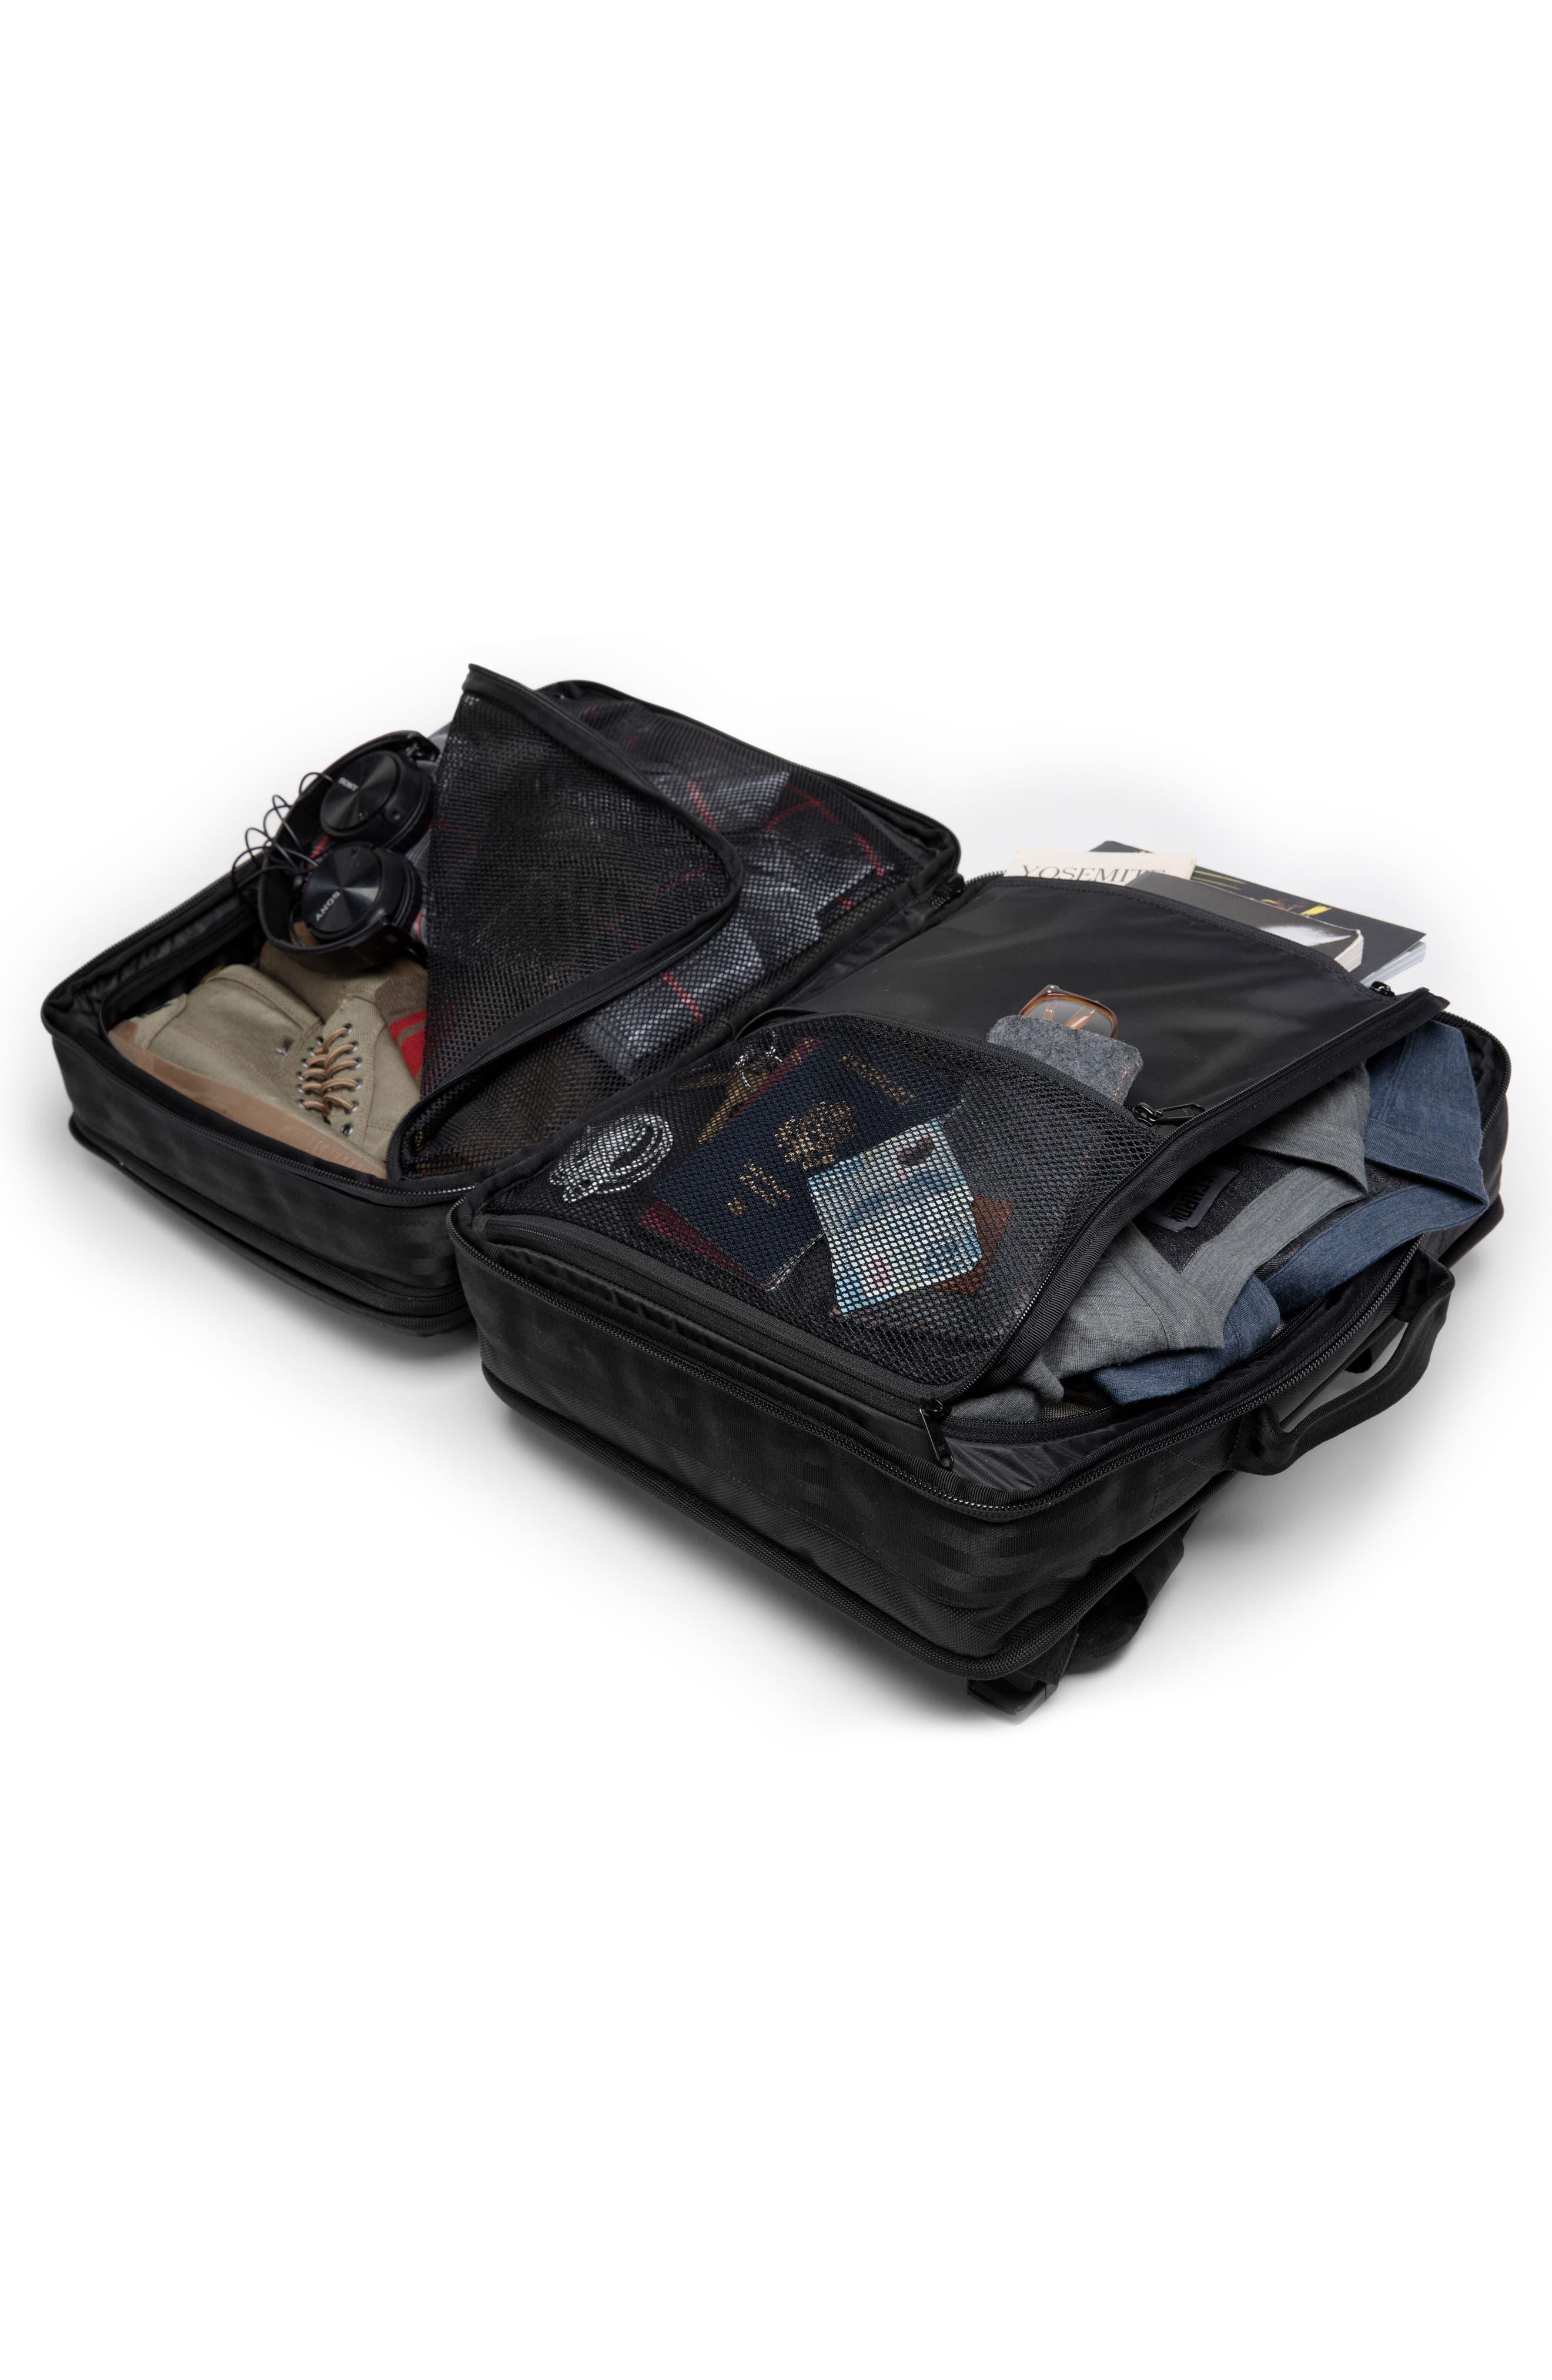 Macheto Travel Backpack,                             Alternate thumbnail 4, color,                             ALL BLACK